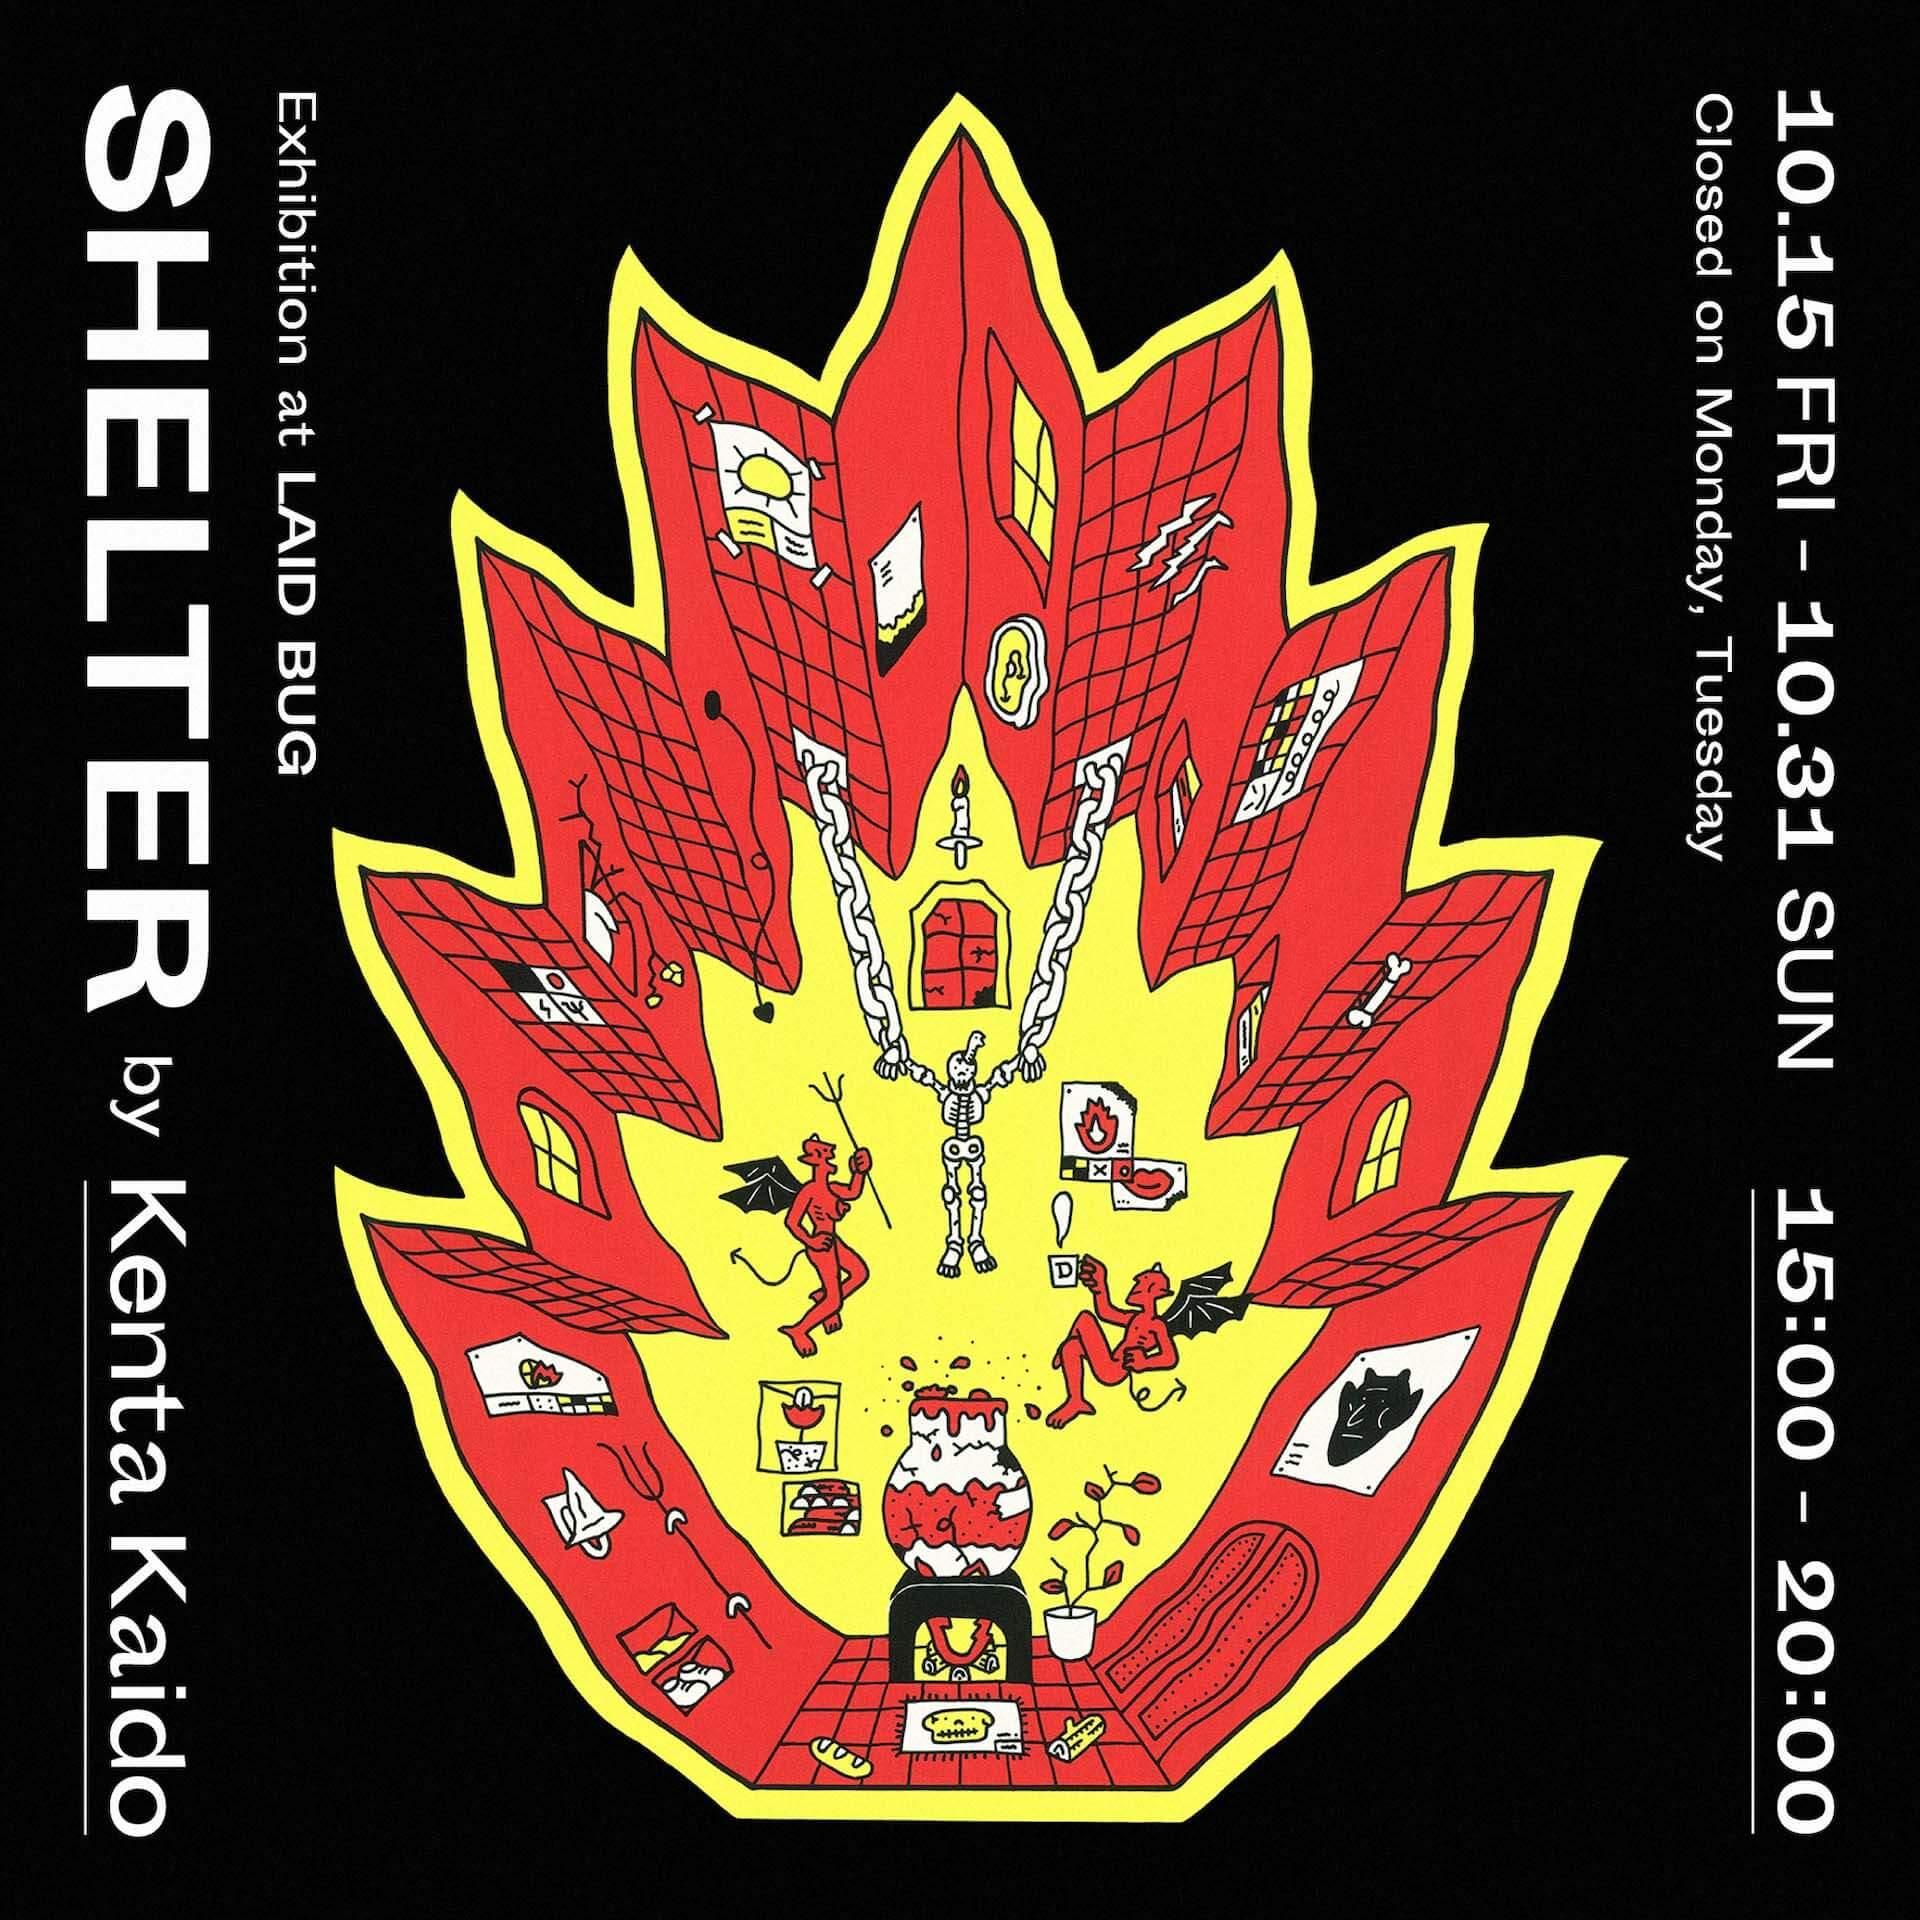 ストリートなイベント【東京】SHELTER イラストレーター・海道建太による個展がLAID BUGにて開催!